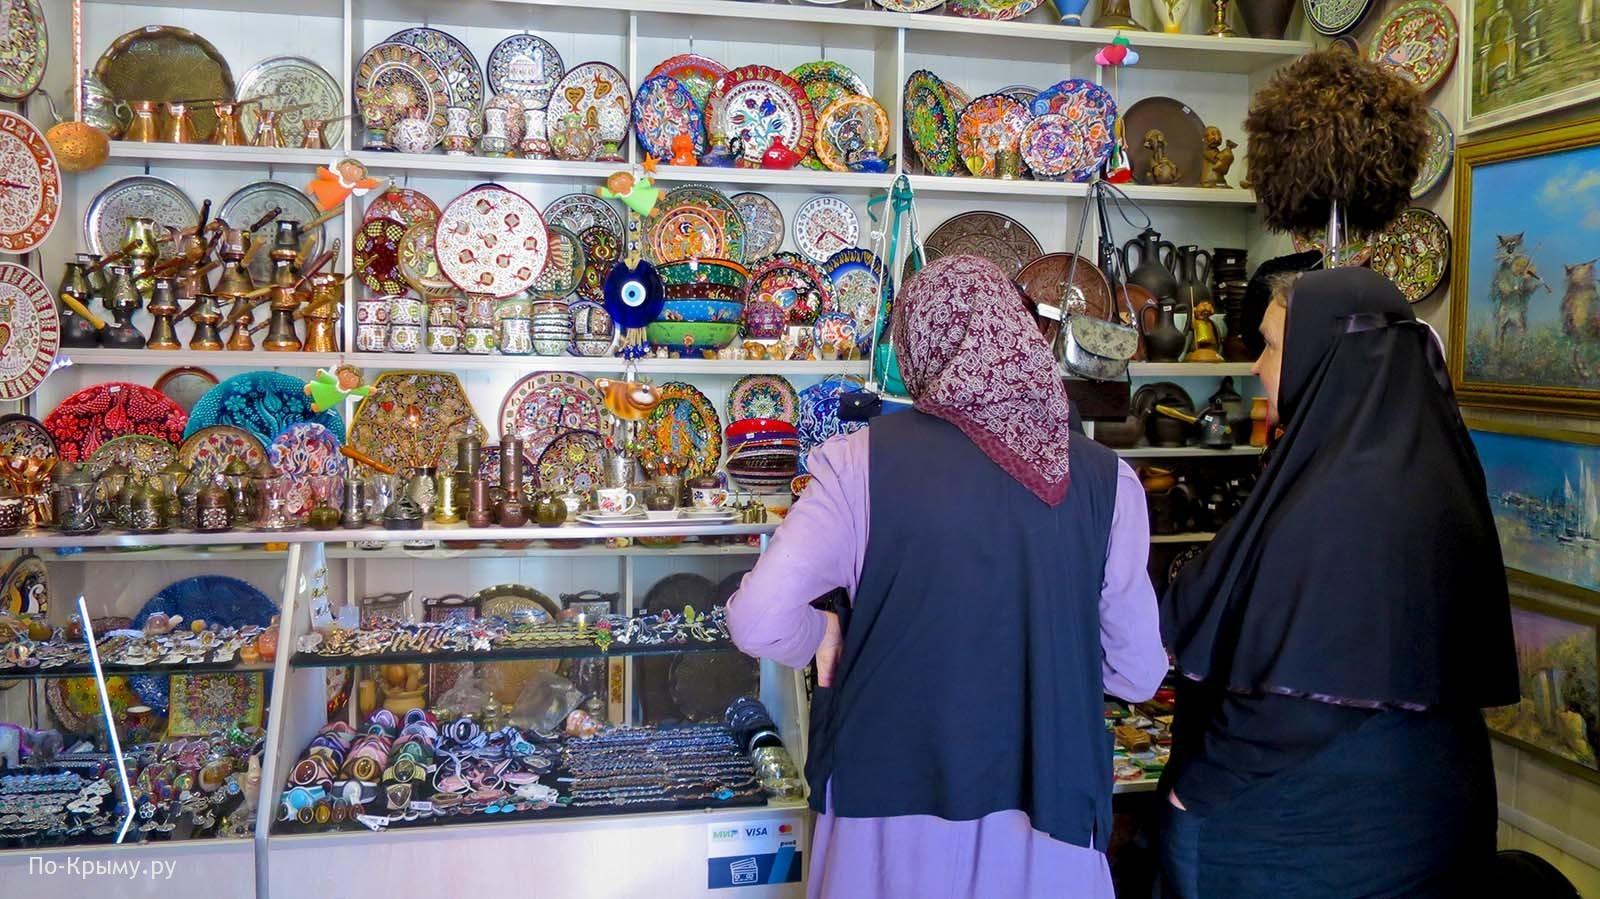 Сувенирная лавка в Бахчисарае